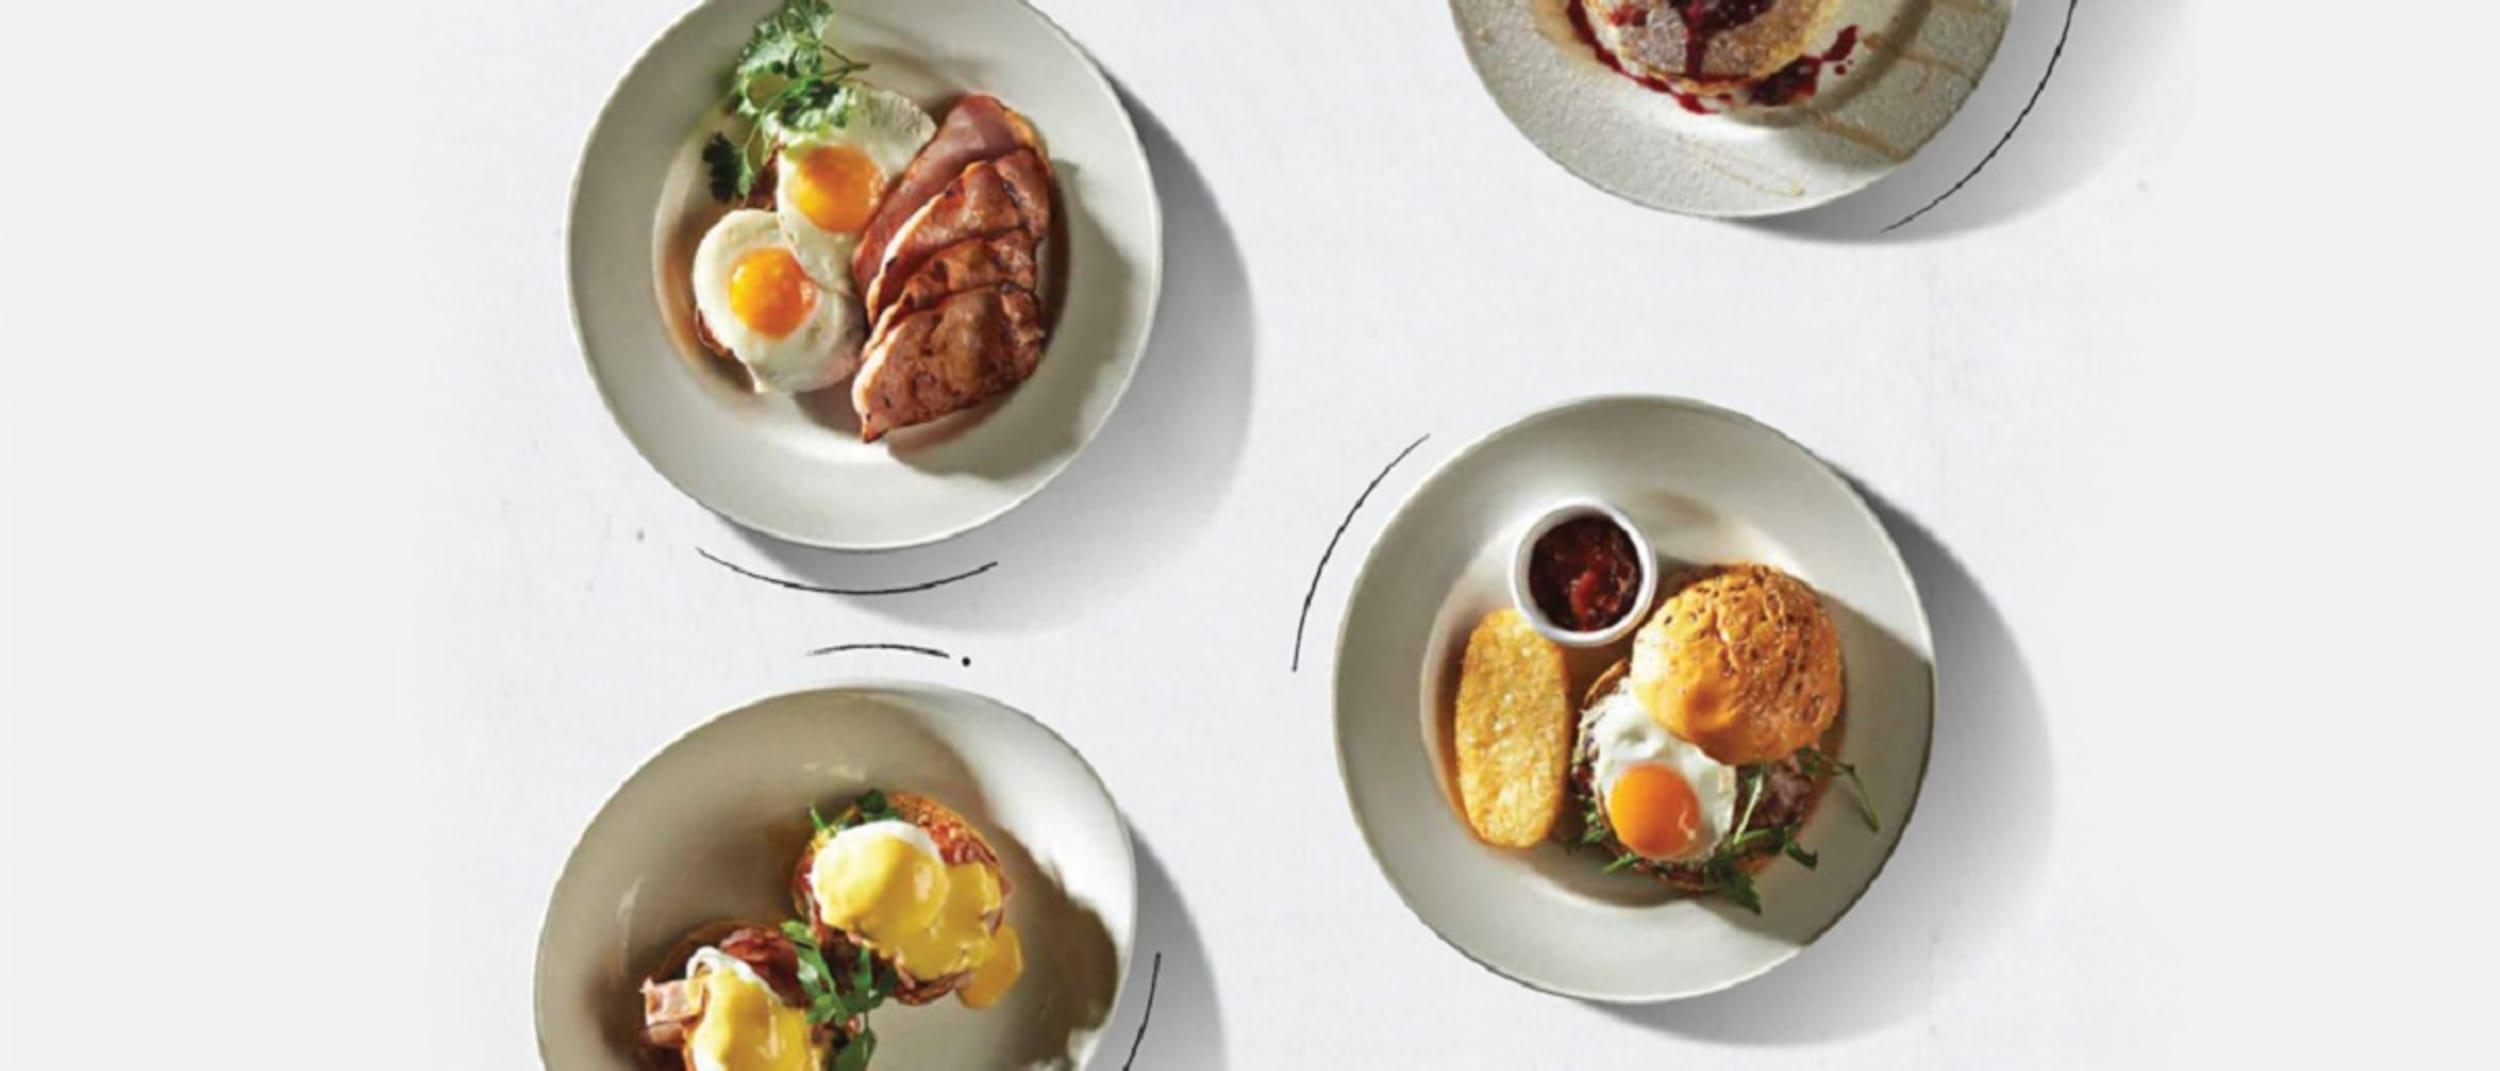 $10 Breakfast (Mon - Fri)